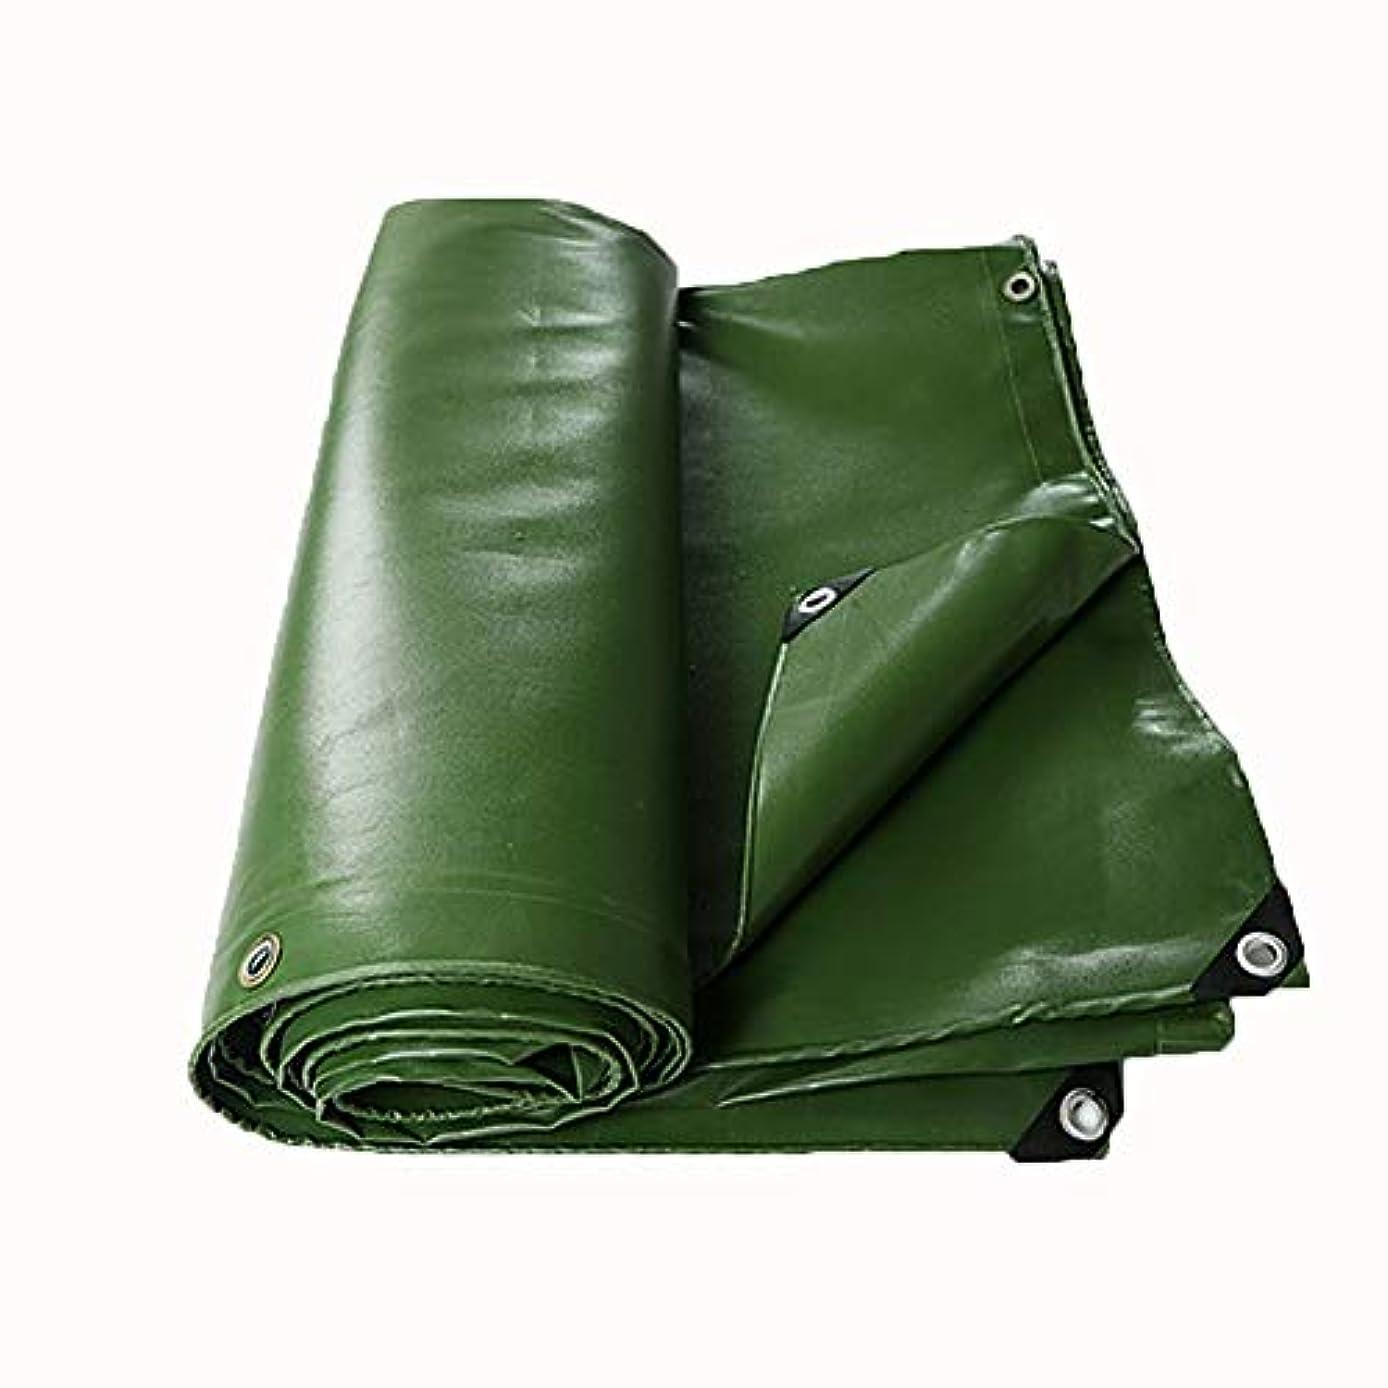 失アイドル独裁防水布キャンバスリノリウムバイザー布、700g / m2 ZHML (サイズ さいず : 2*4m)